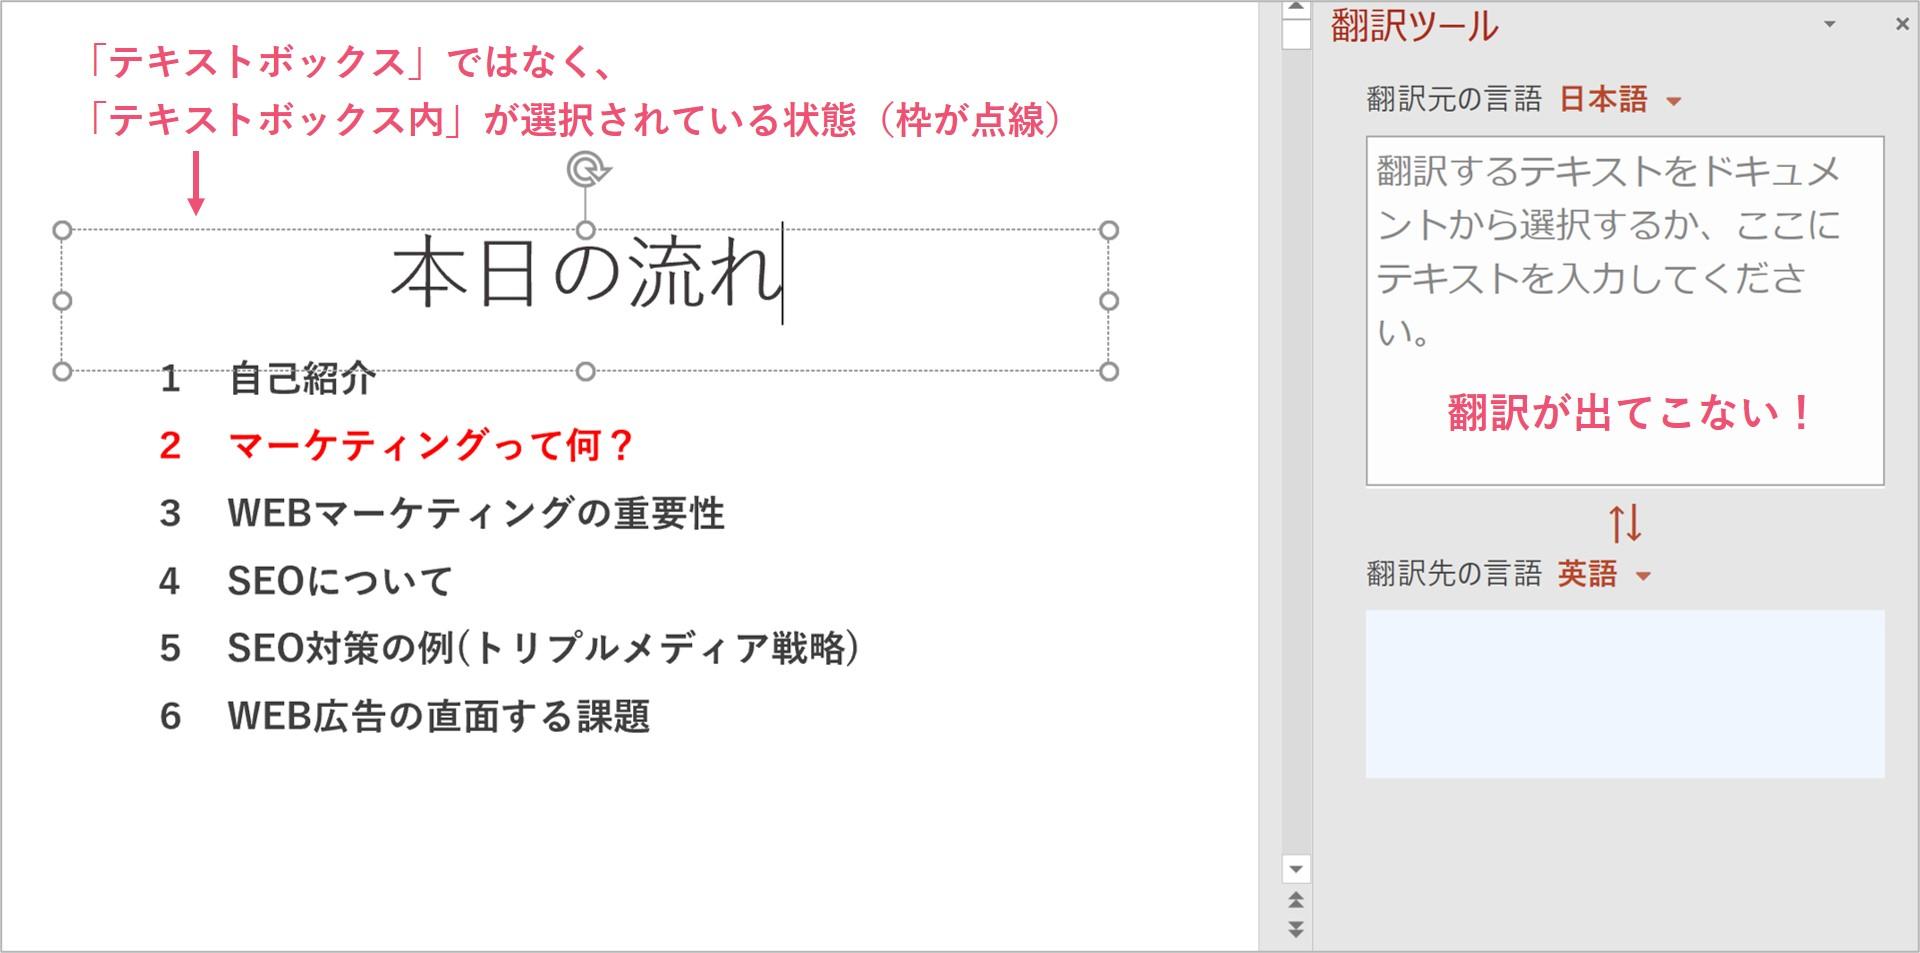 テキストボックスを選択できていないと翻訳ができない